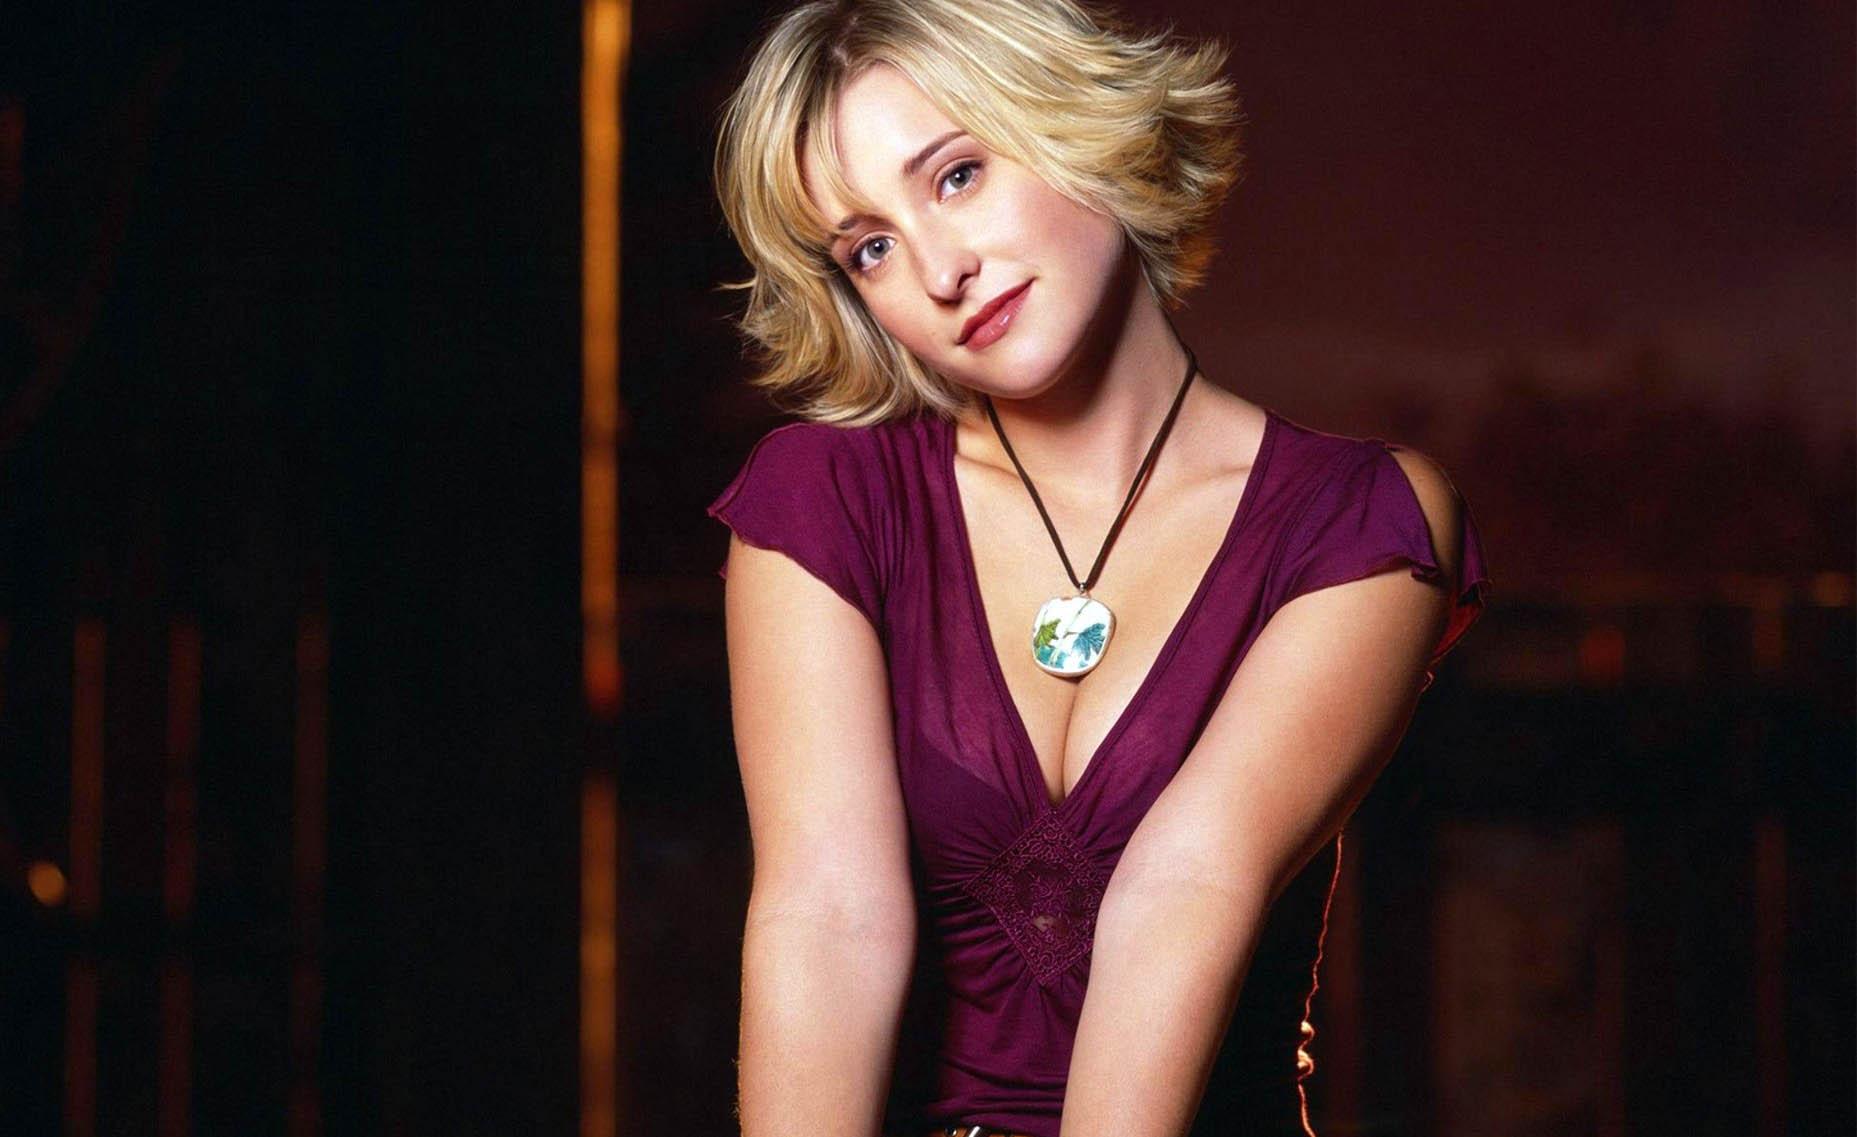 Allison Mack, de Smallville, deixa prisão após pagar fiança de R$ 17 milhões